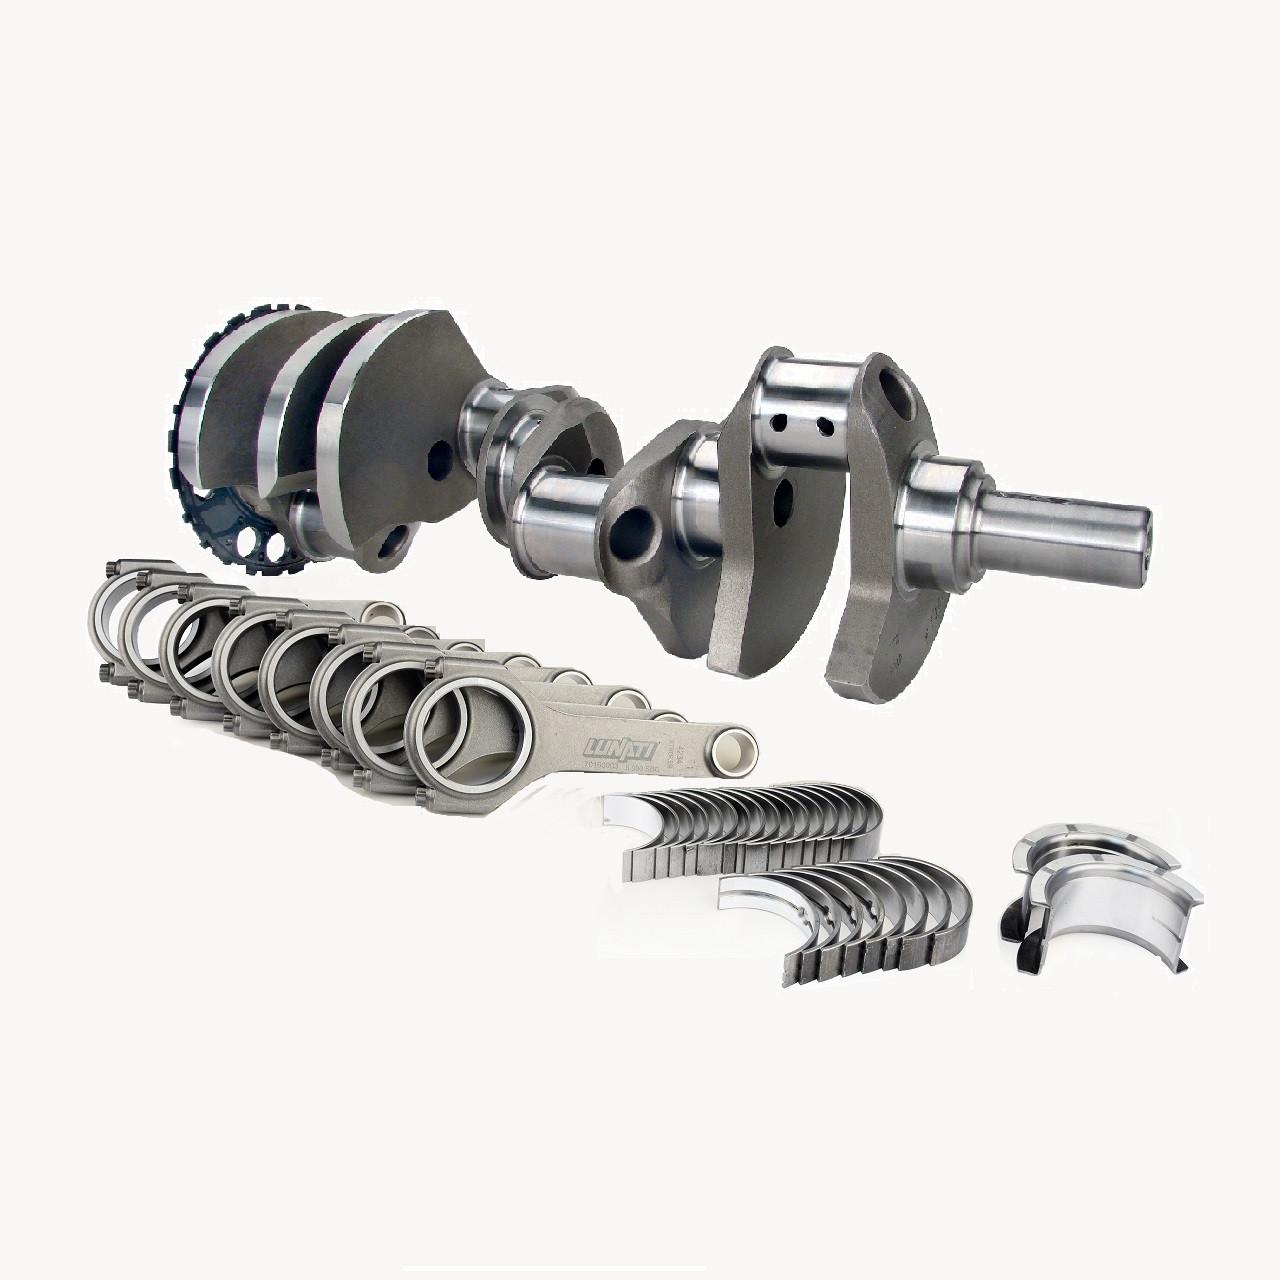 """Lunati Voodoo 24X Crankshaft /& 6.125/"""" Hbeam Rods Kit for Chevrolet Gen III LS"""